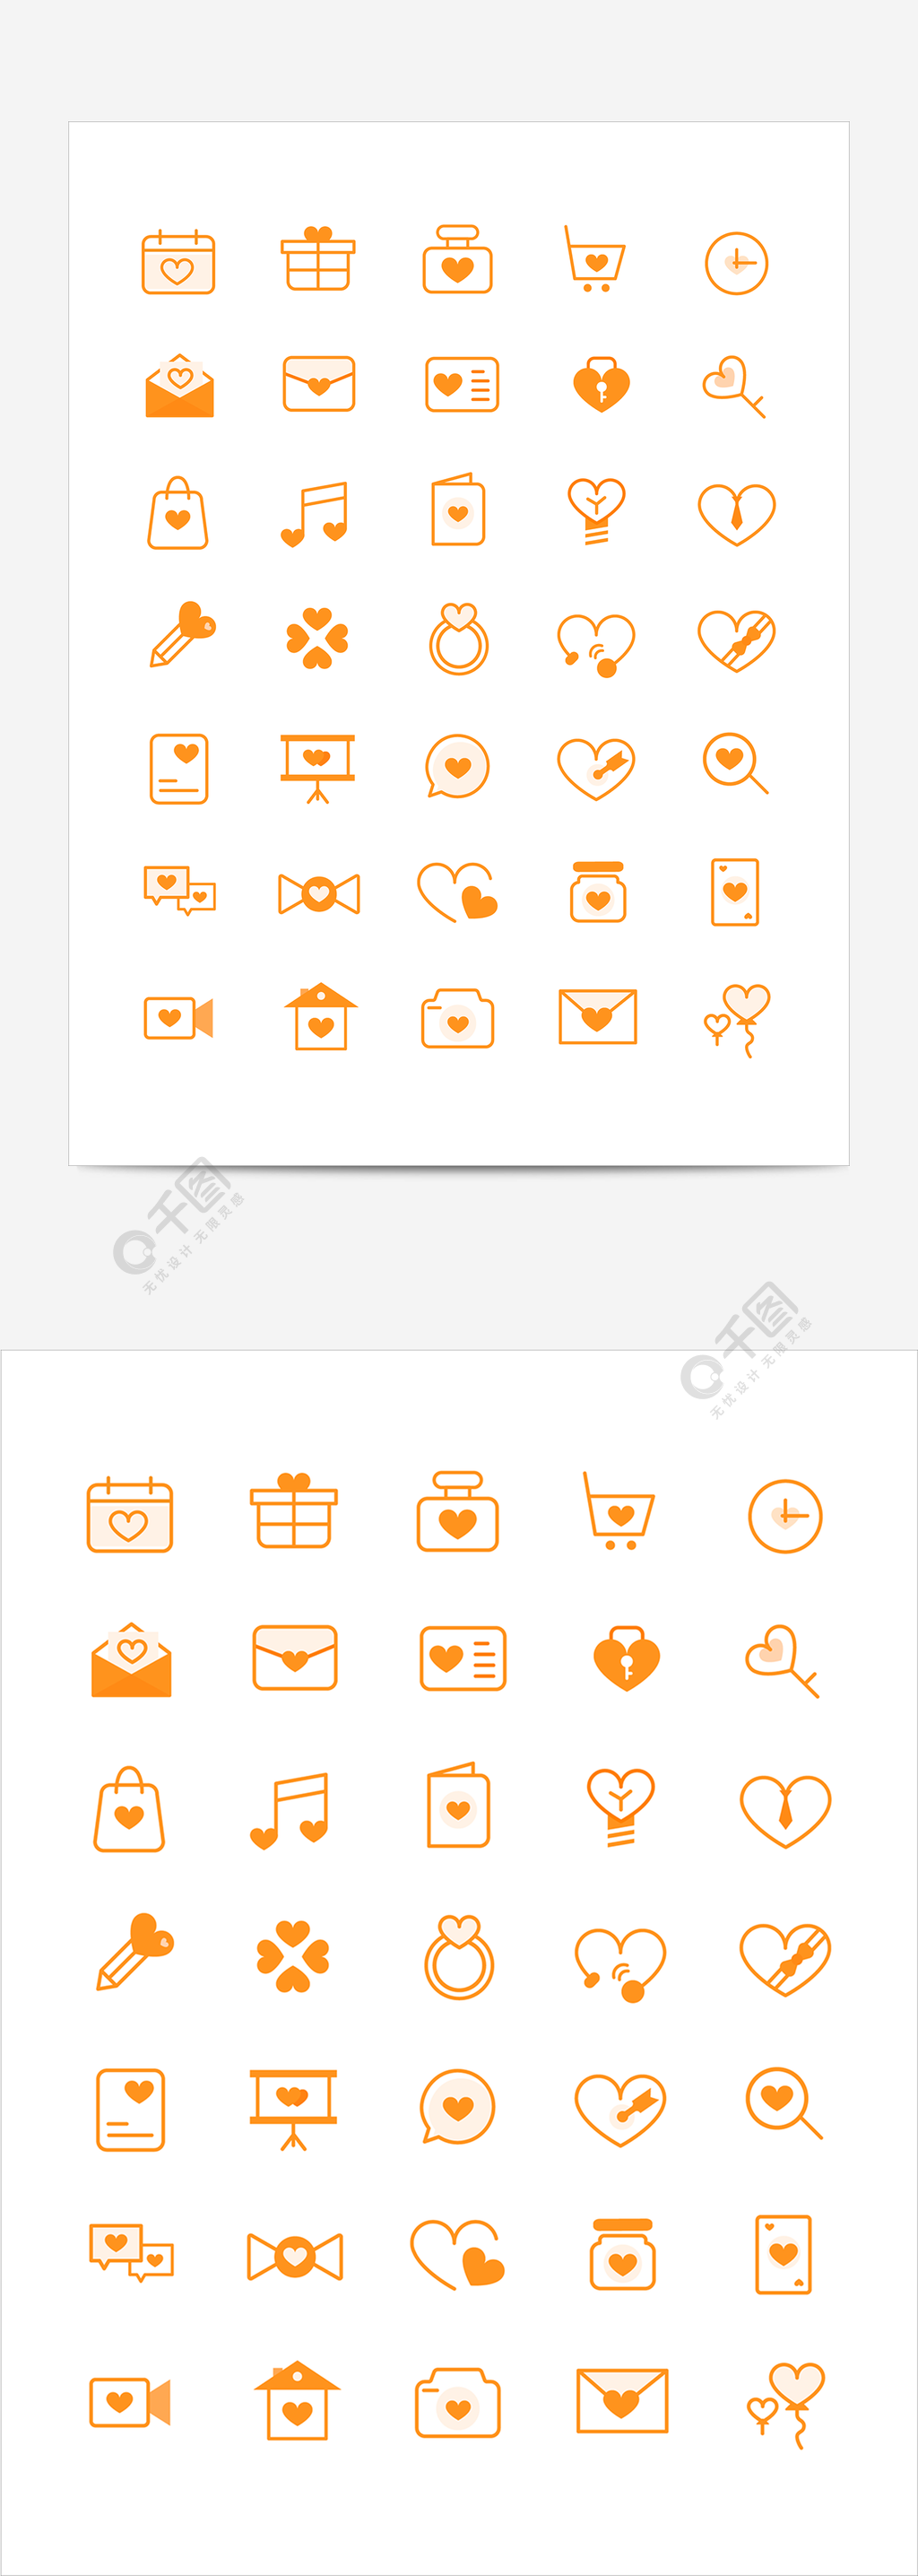 图标icon扁平化ui设计模板设计线条免费艺墨建筑设计有限公司怎么样图片